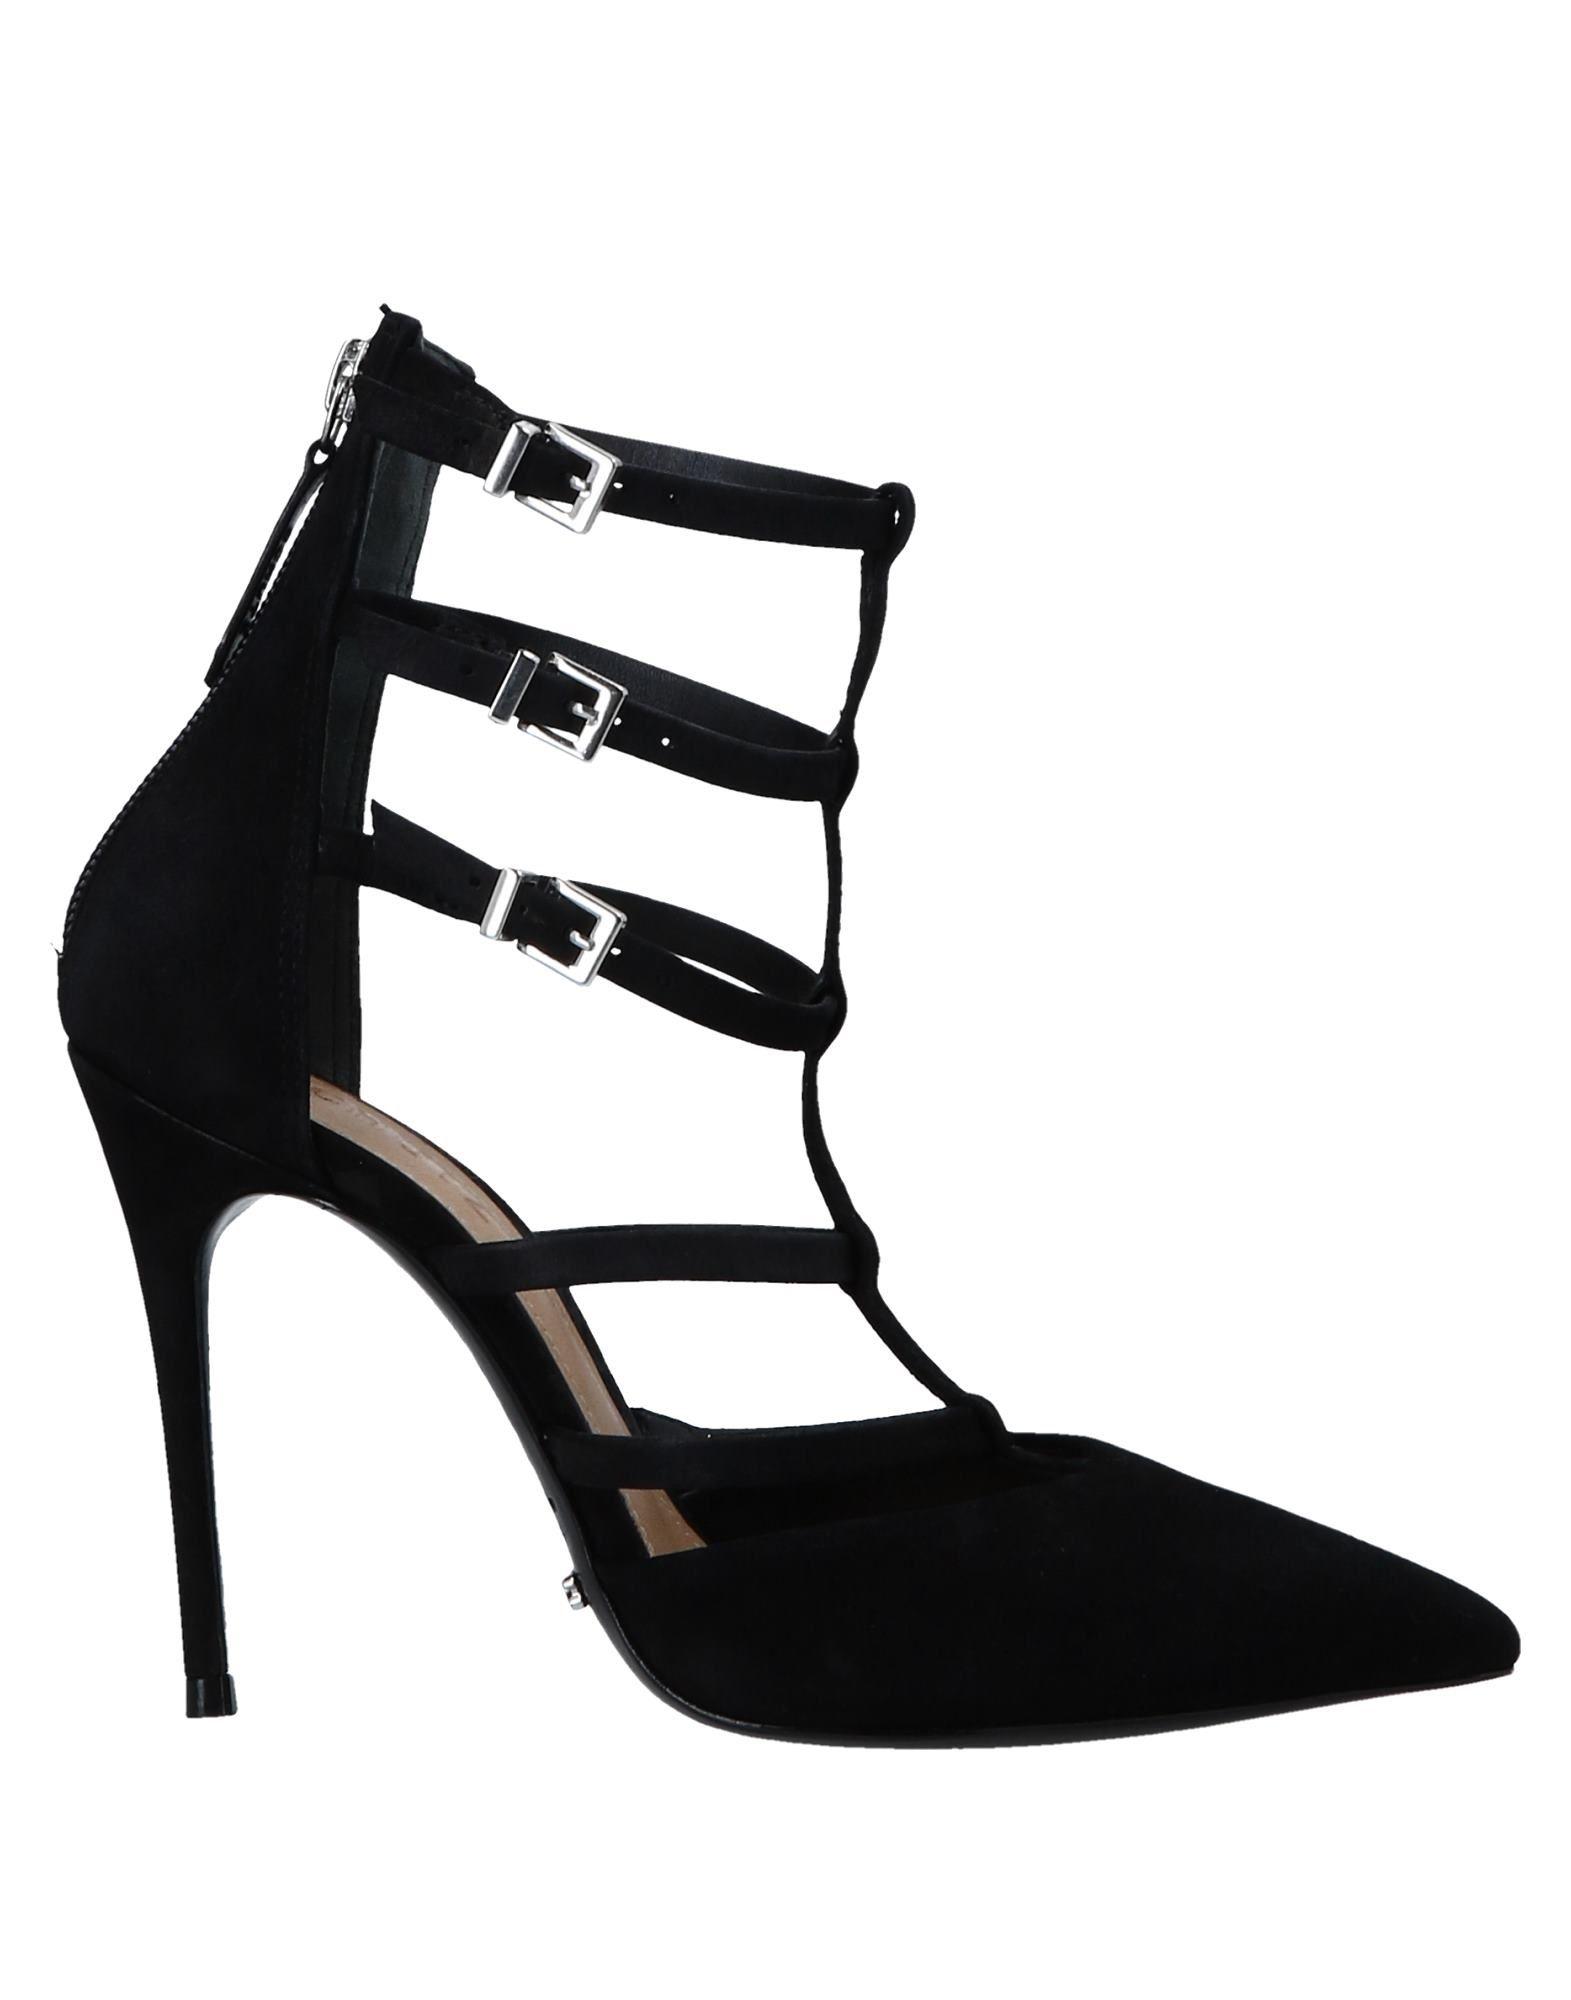 Schutz Sandals - Women Schutz Sandals online - on  United Kingdom - online 11549921QC 457c42